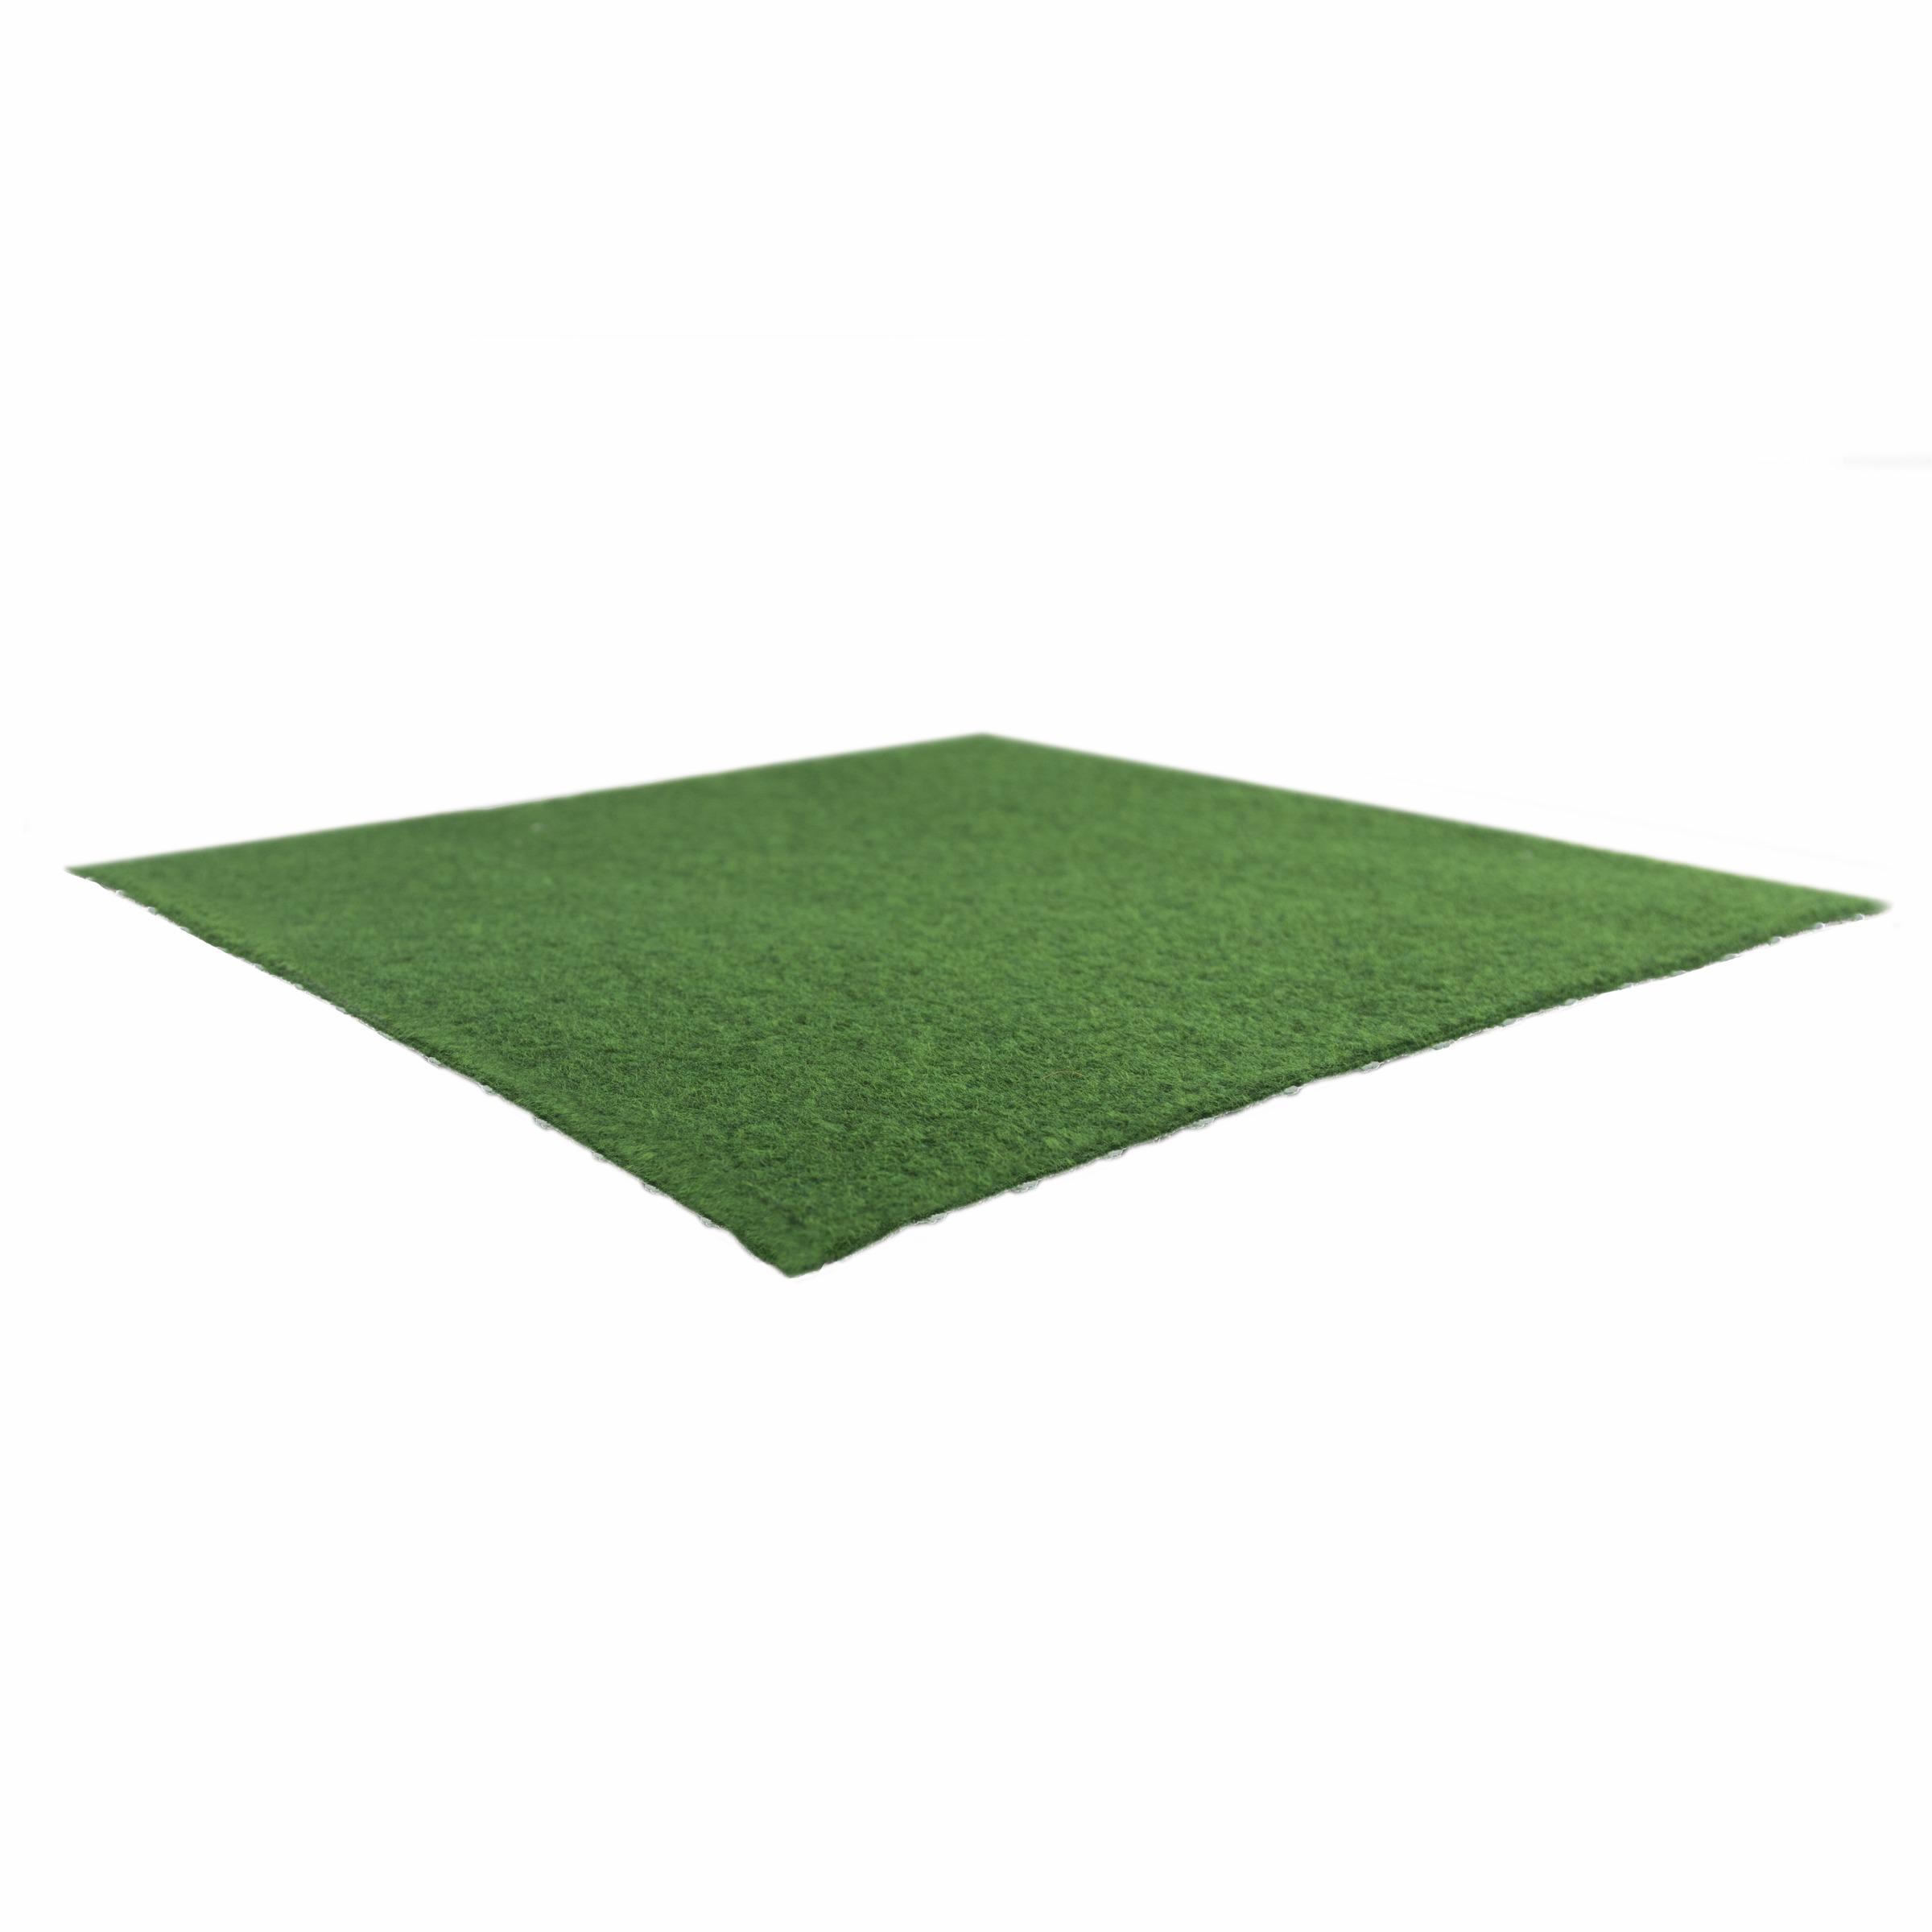 Grastapijt Wales poolhoogte 2 mm 4 meter breed - per cm